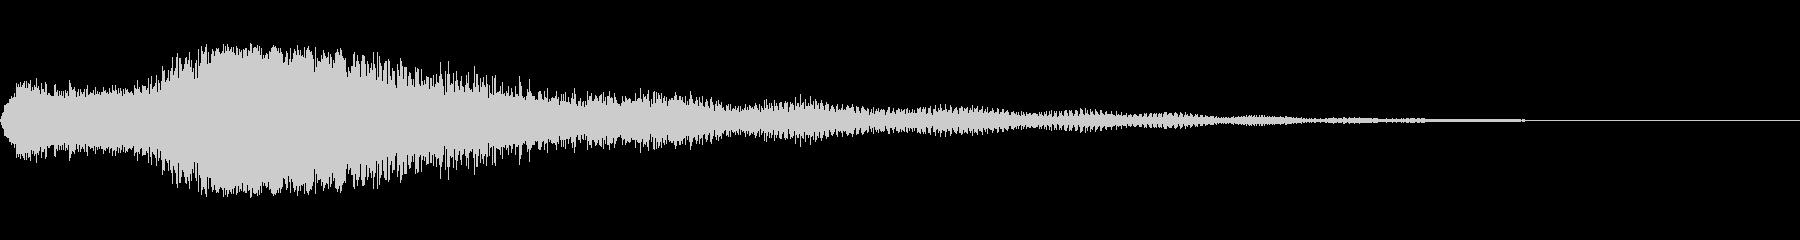 ミステリークレッシェンドの未再生の波形